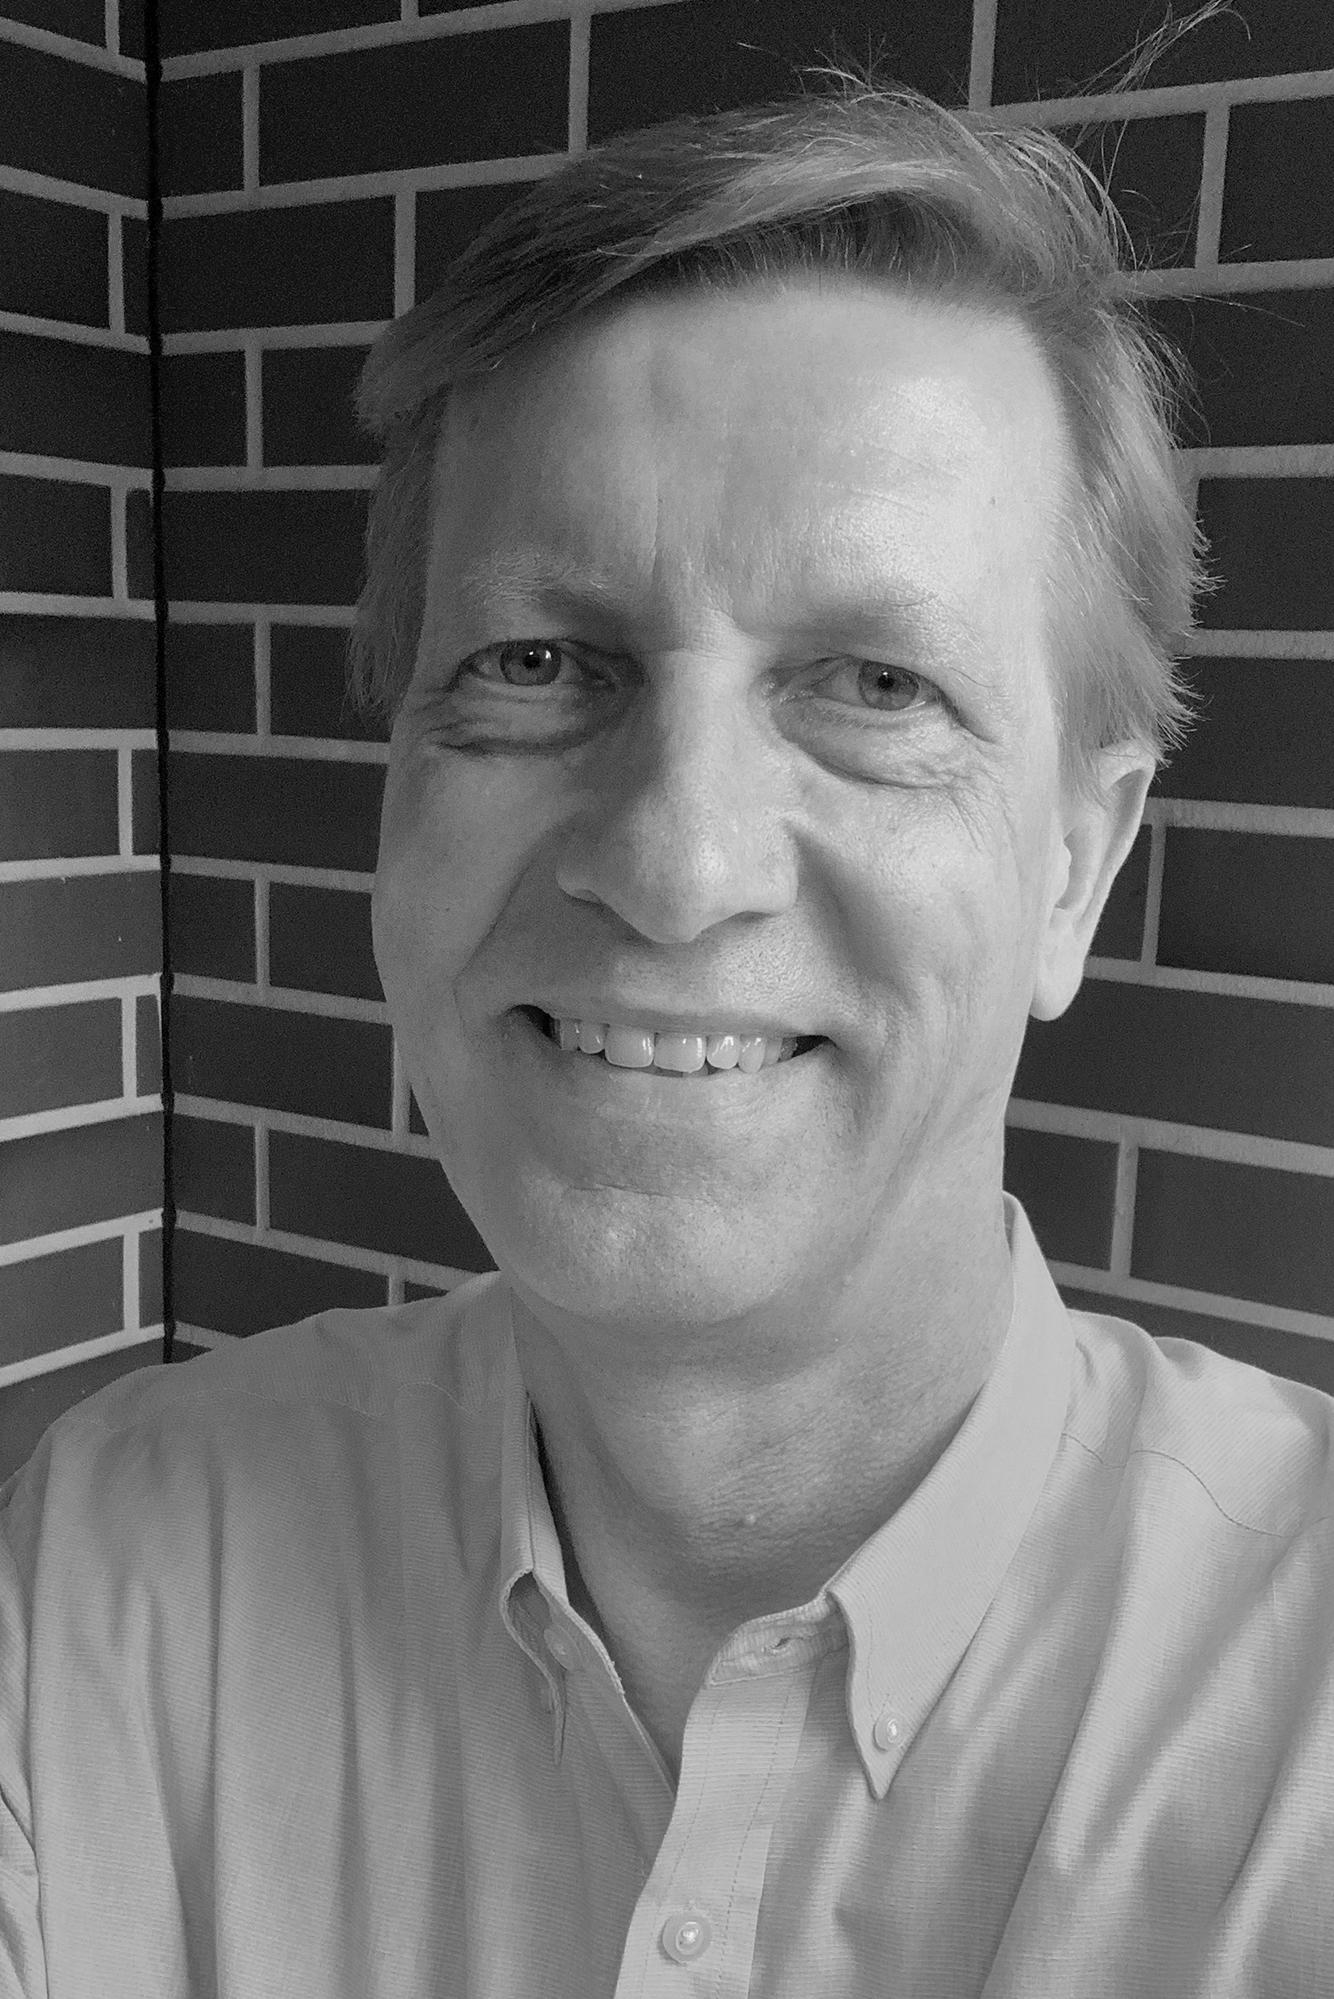 David Wessler